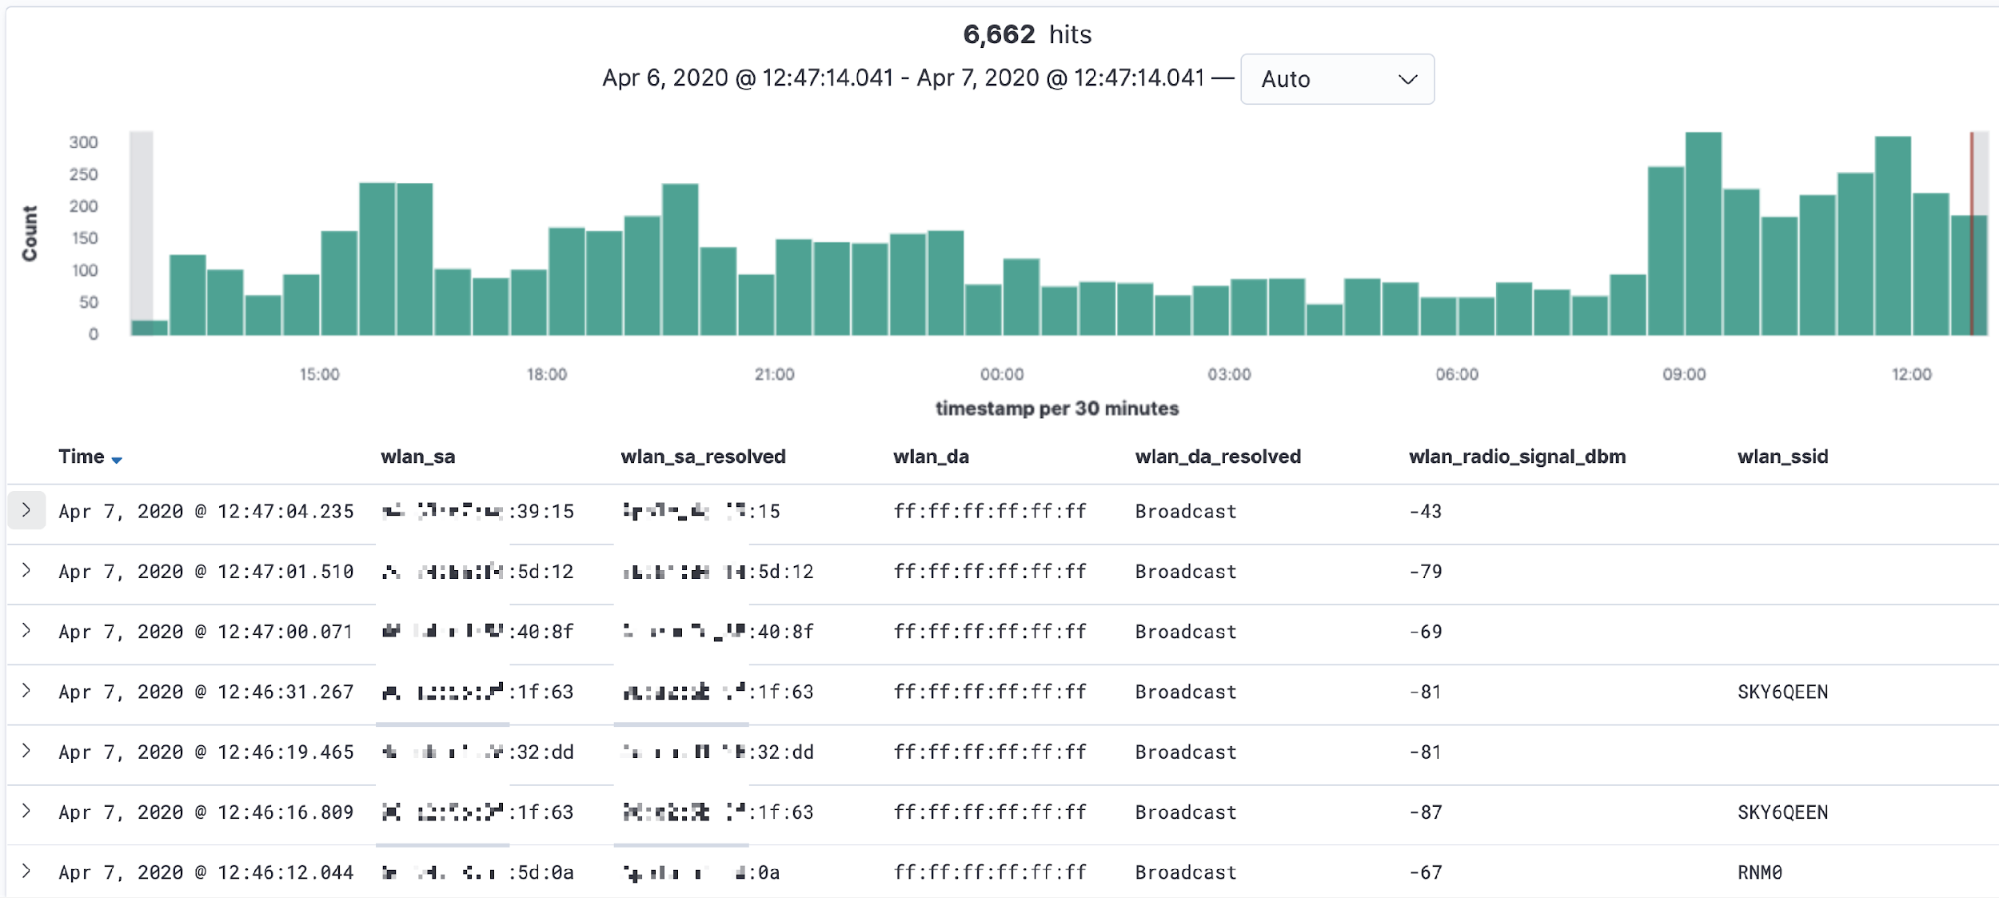 Kibana: 6,662 hits